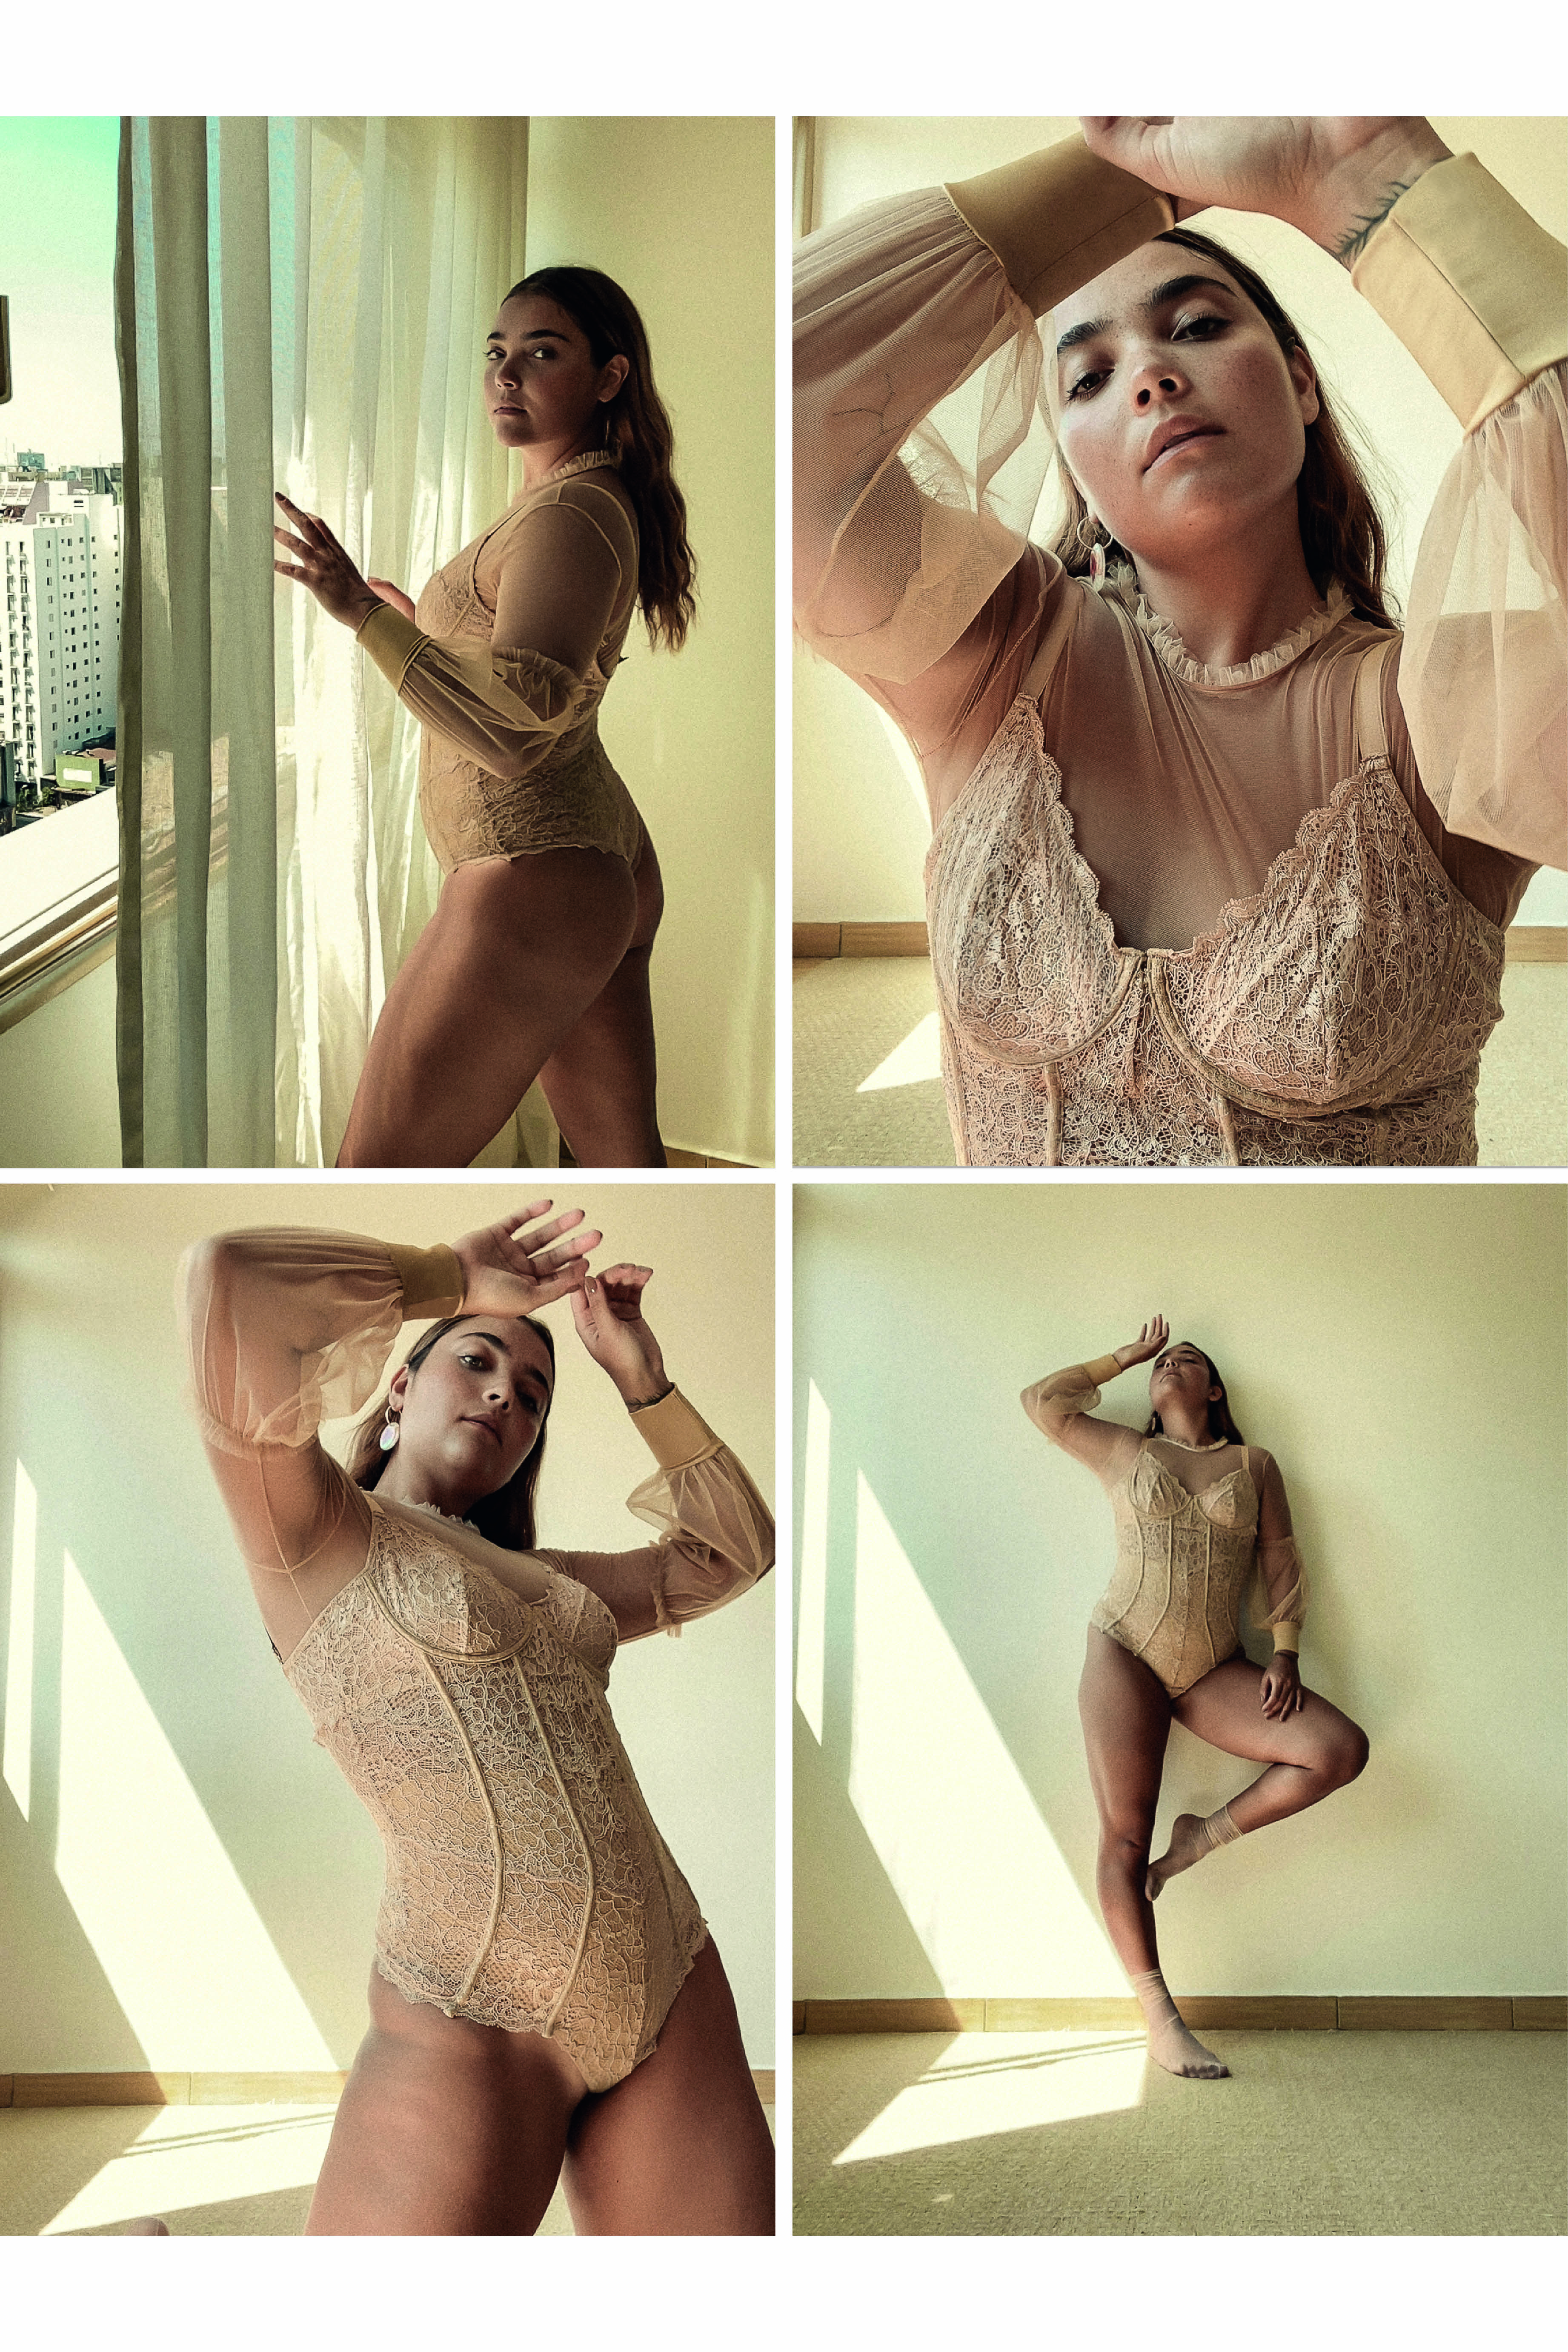 Modelo usa lingerie e posa para foto em diversas poses